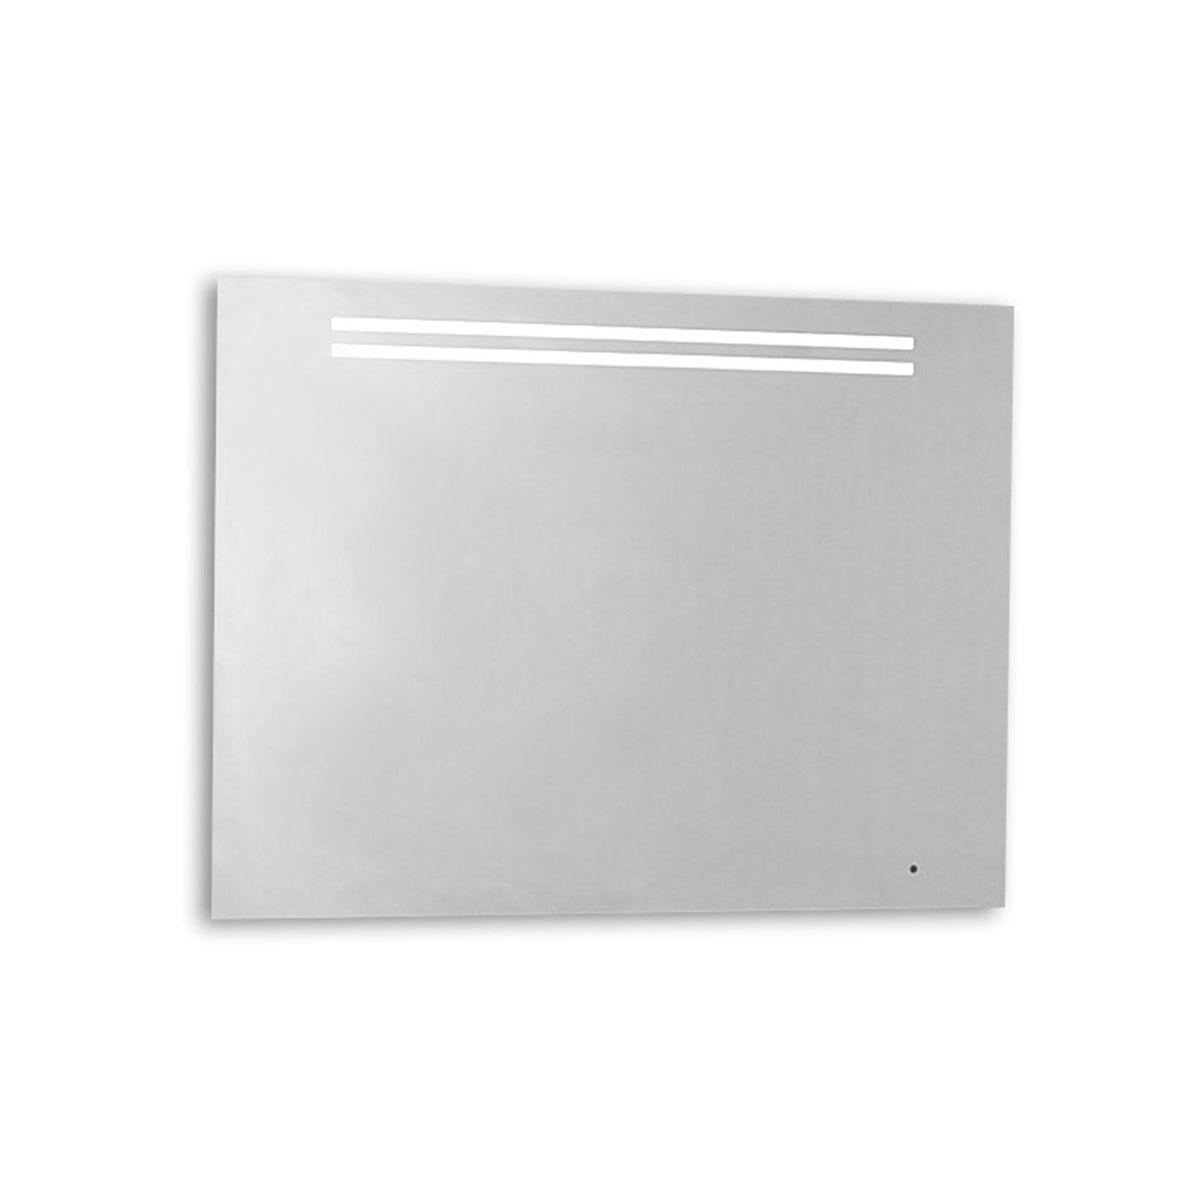 Specchio con illuminazione led integrata e interruttore - Specchio con luci ...